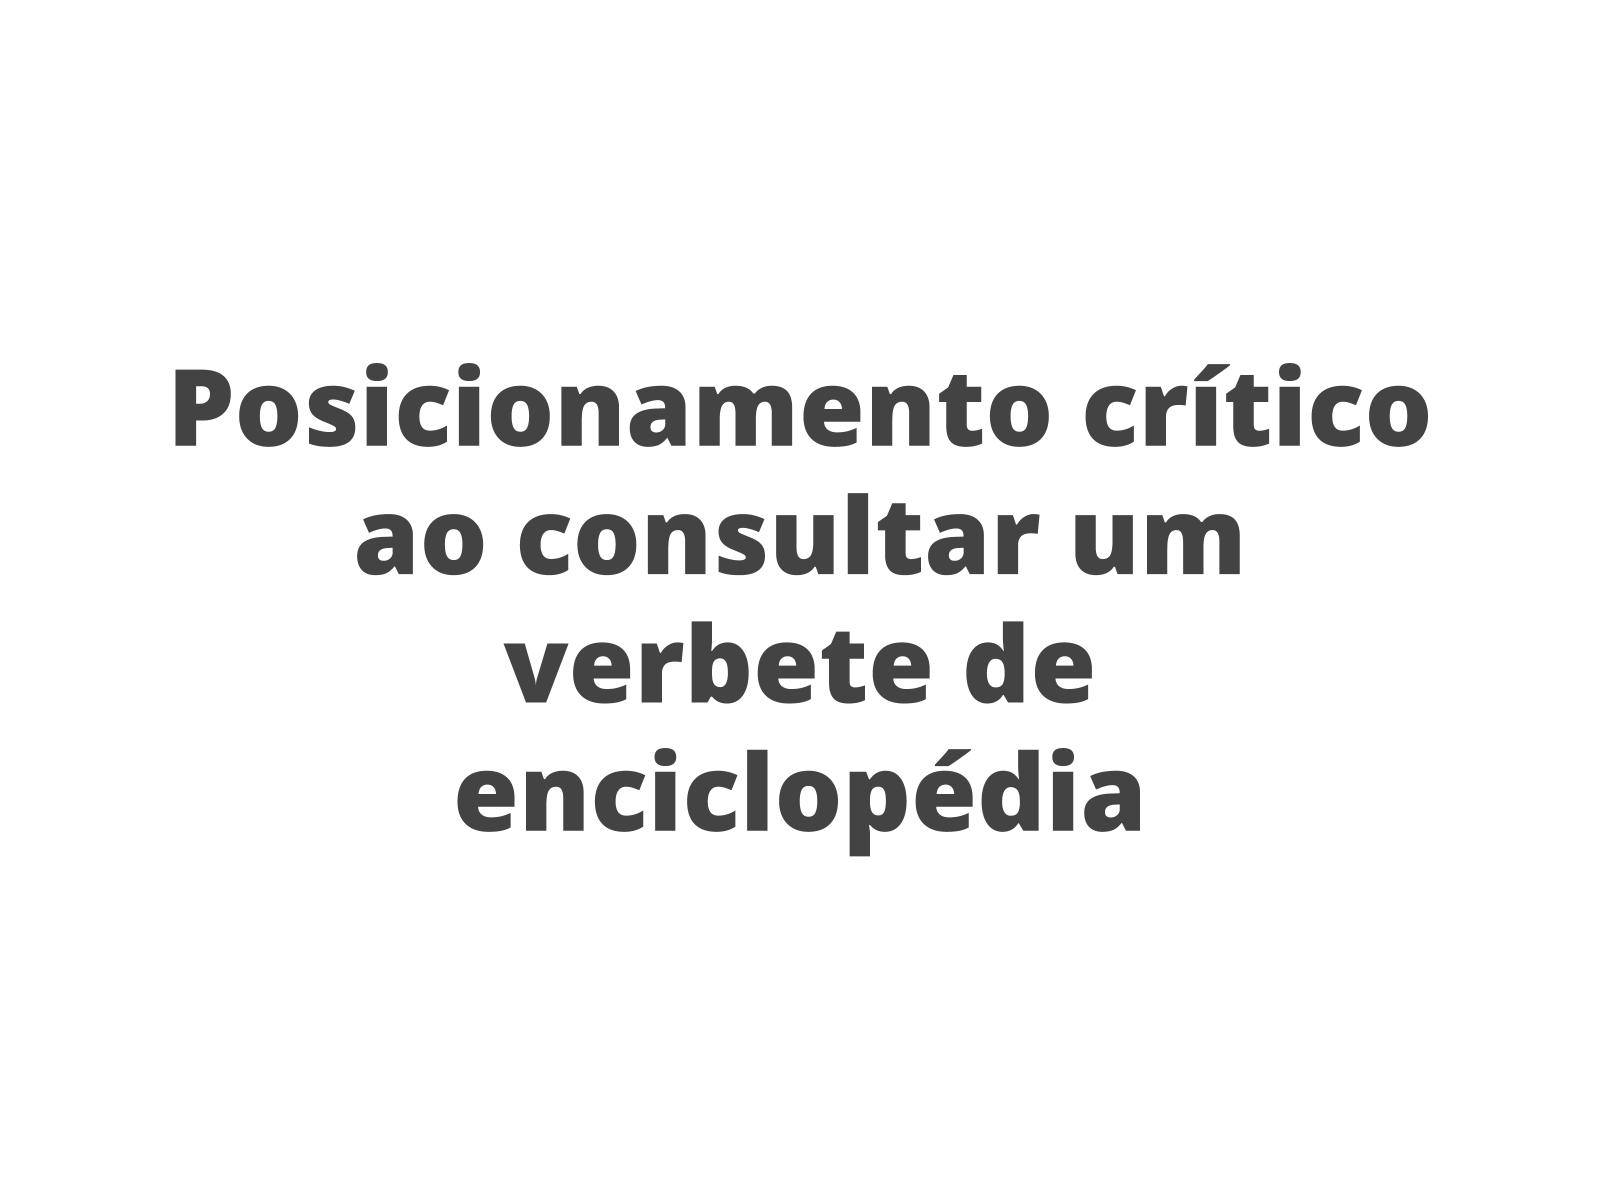 Posicionamento crítico ao consultar um verbete enciclopédico